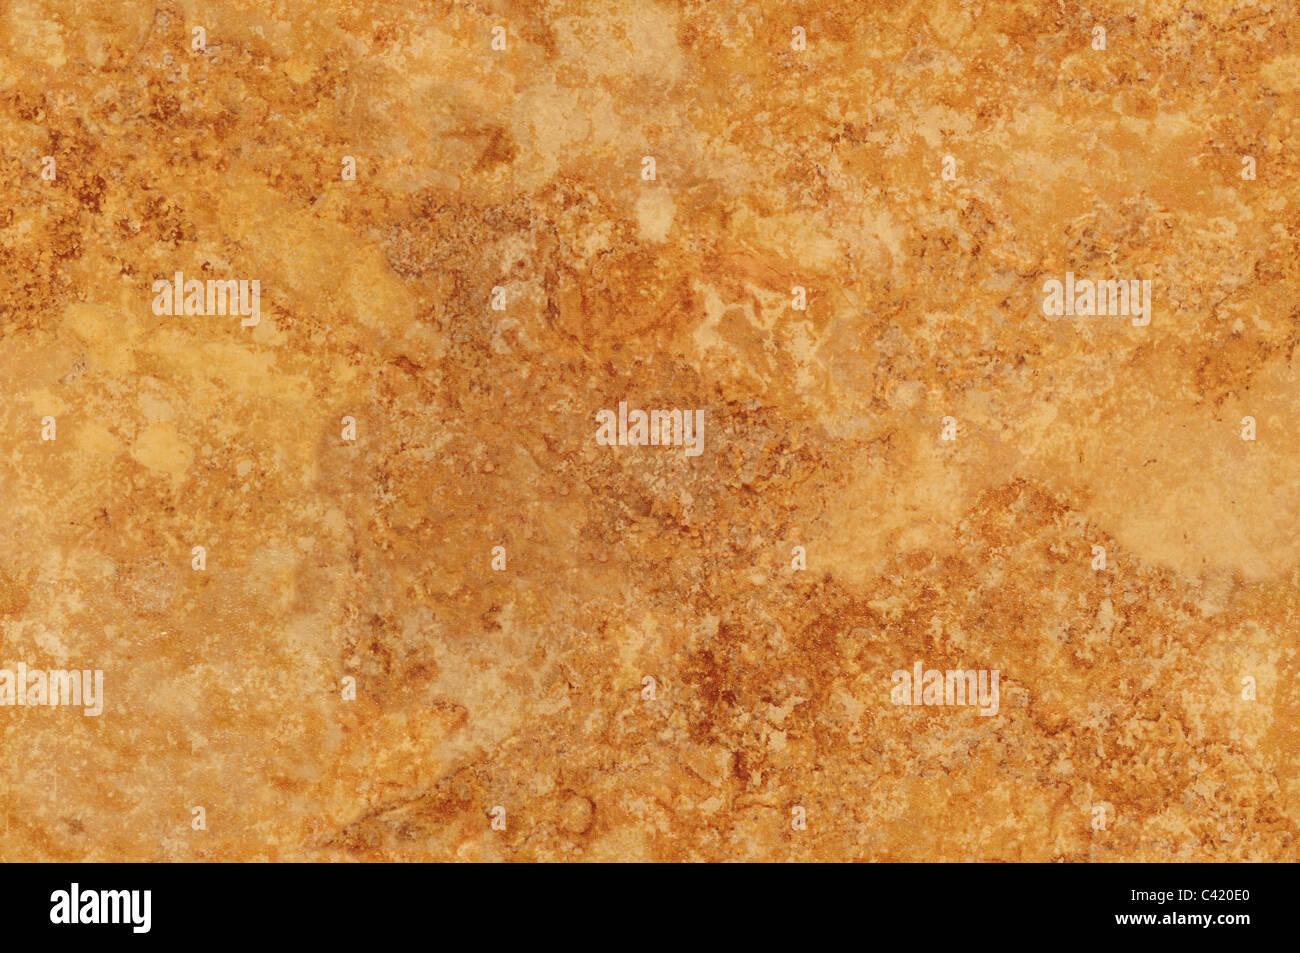 La texture de la surface de fond tacheté de brun Photo Stock